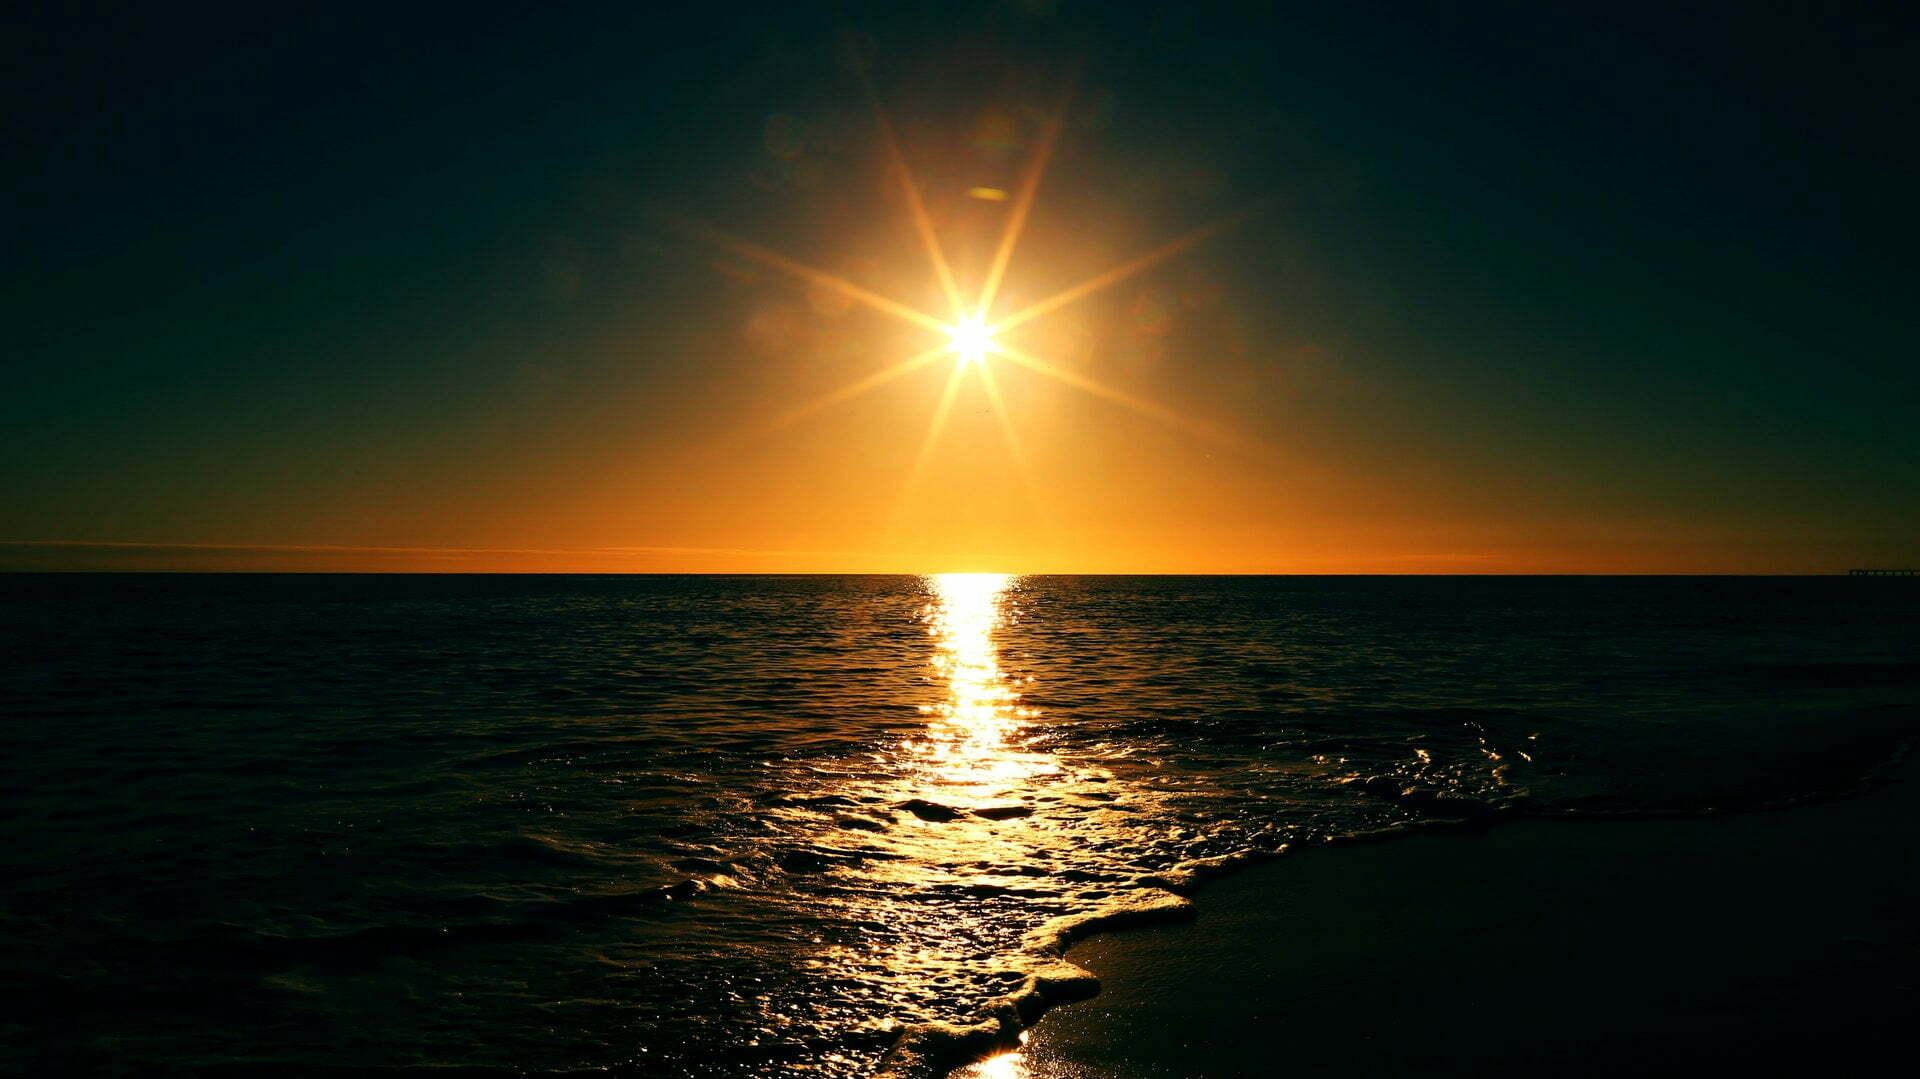 Vintertid men med solsken